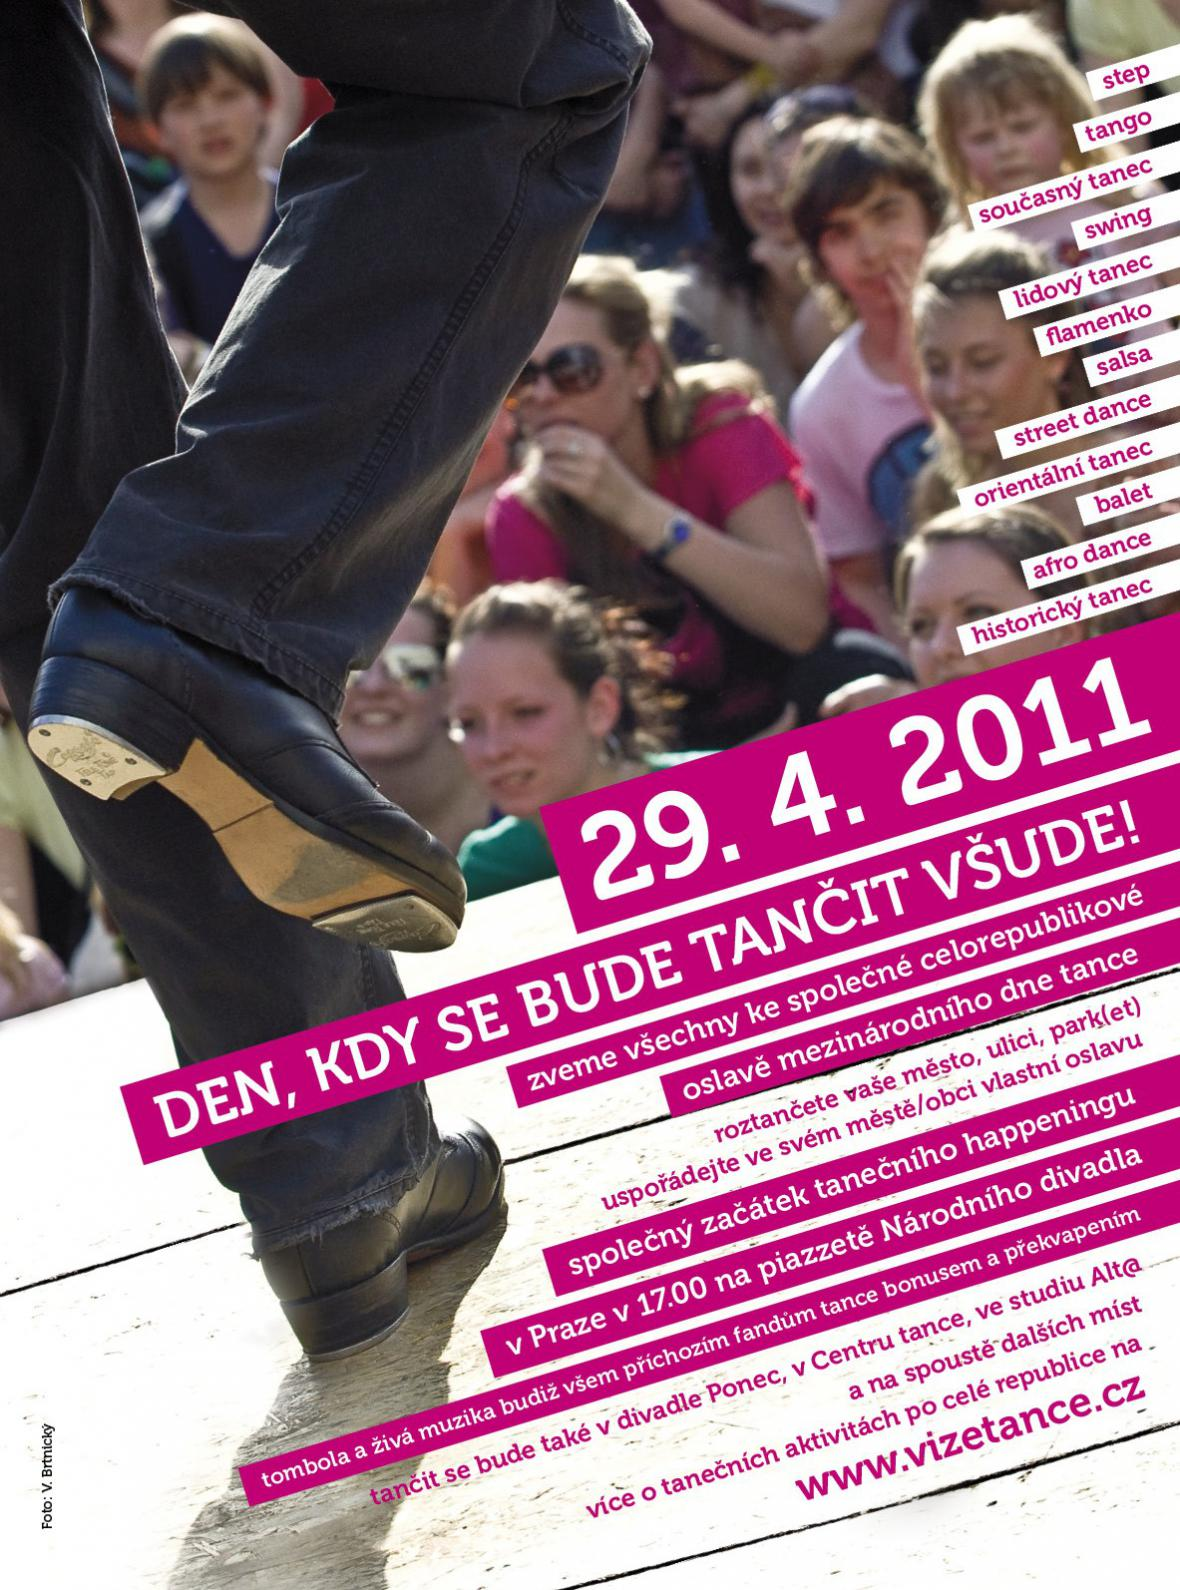 Mezinárodní den tance 2011